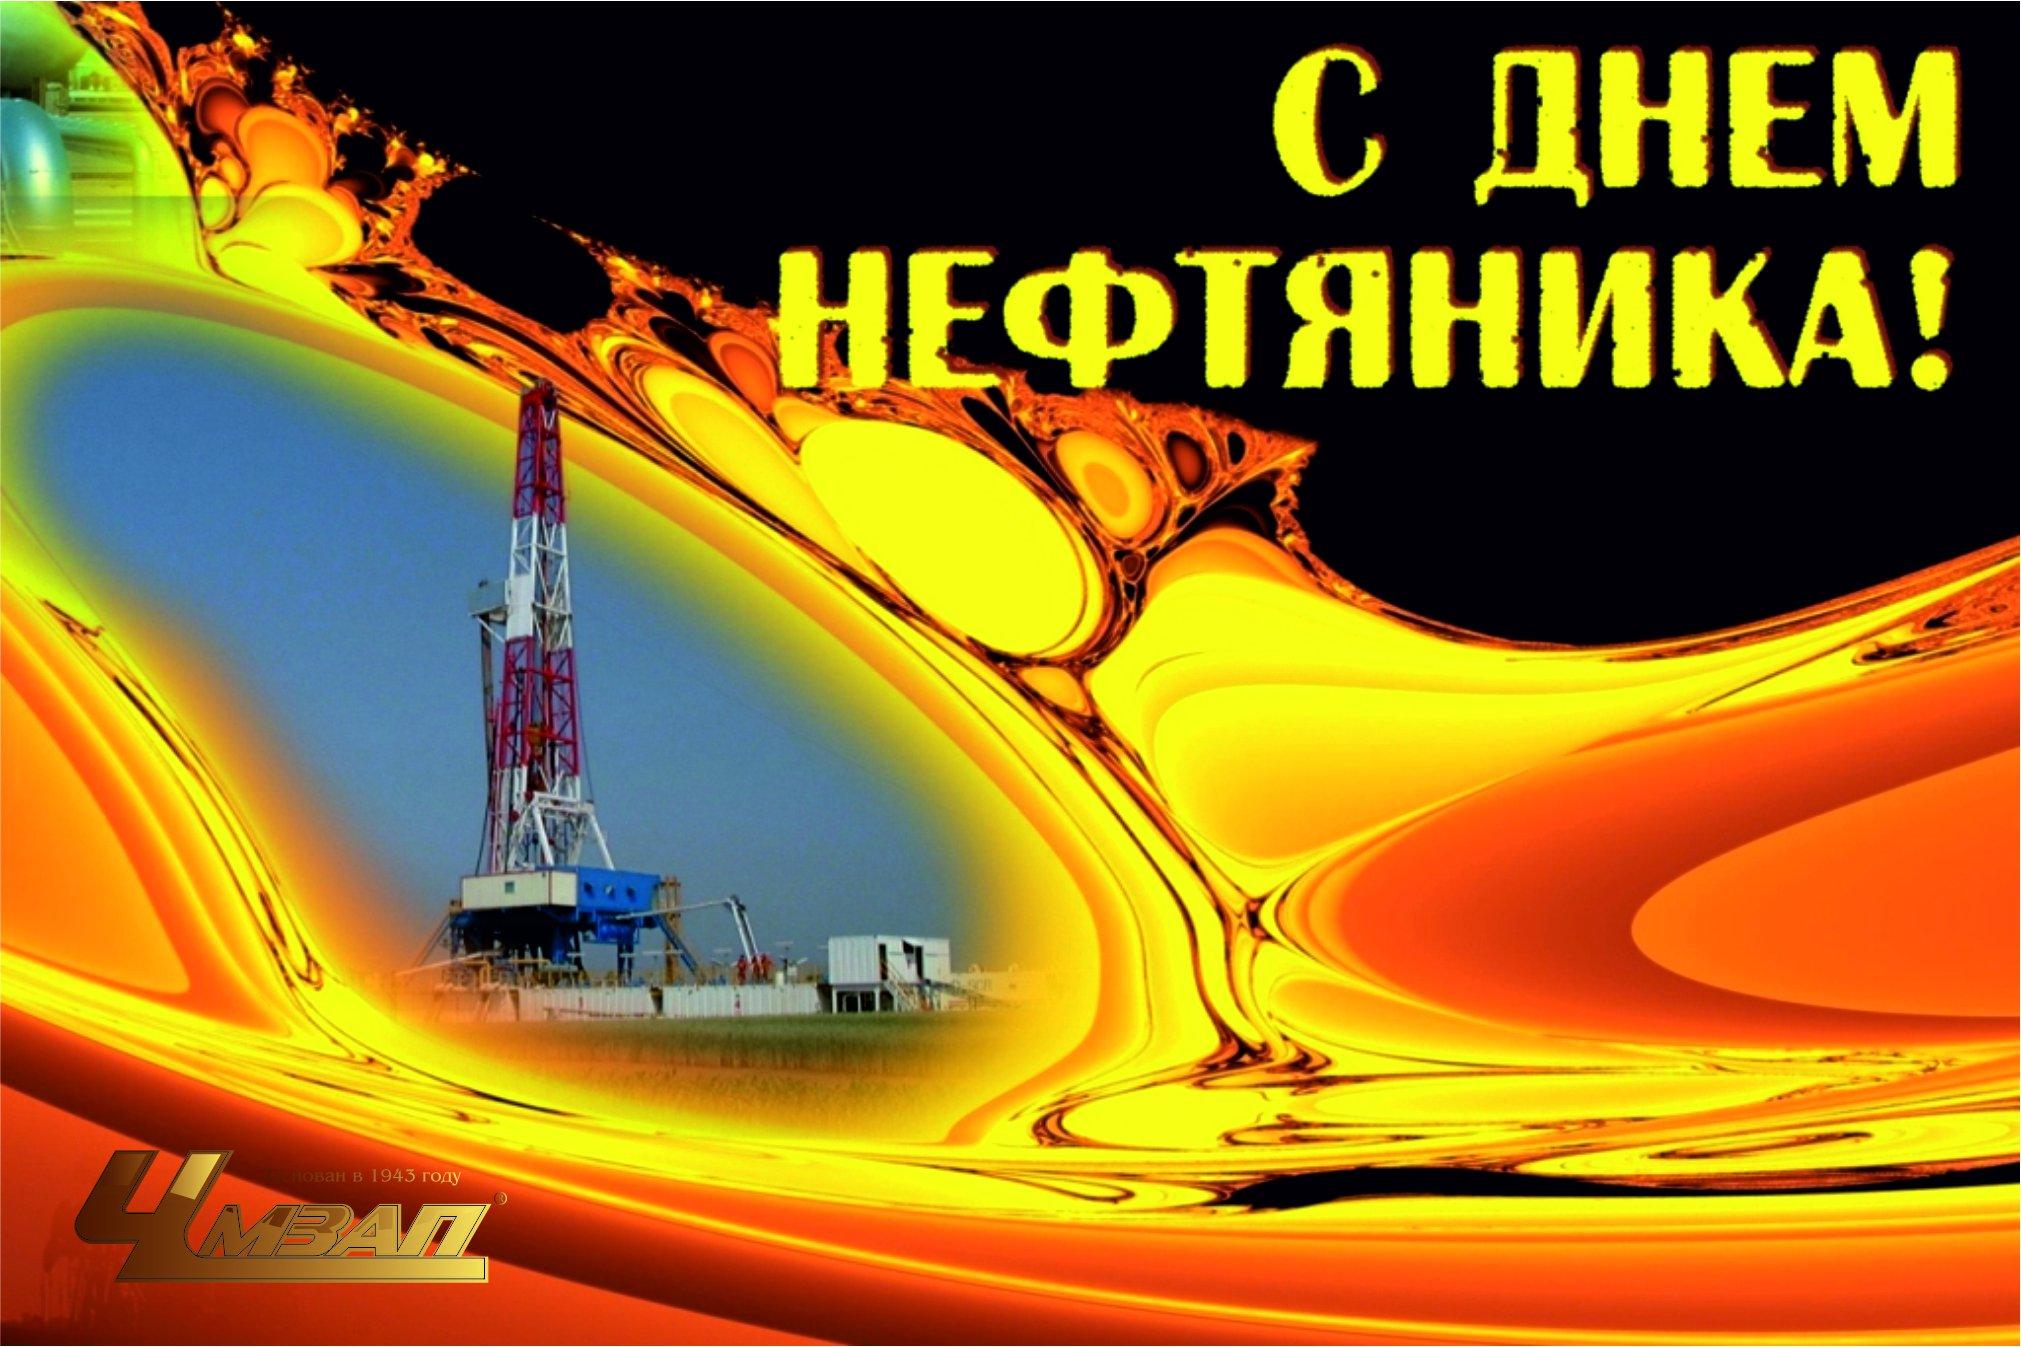 С днем нефтяника открытка с поздравлением